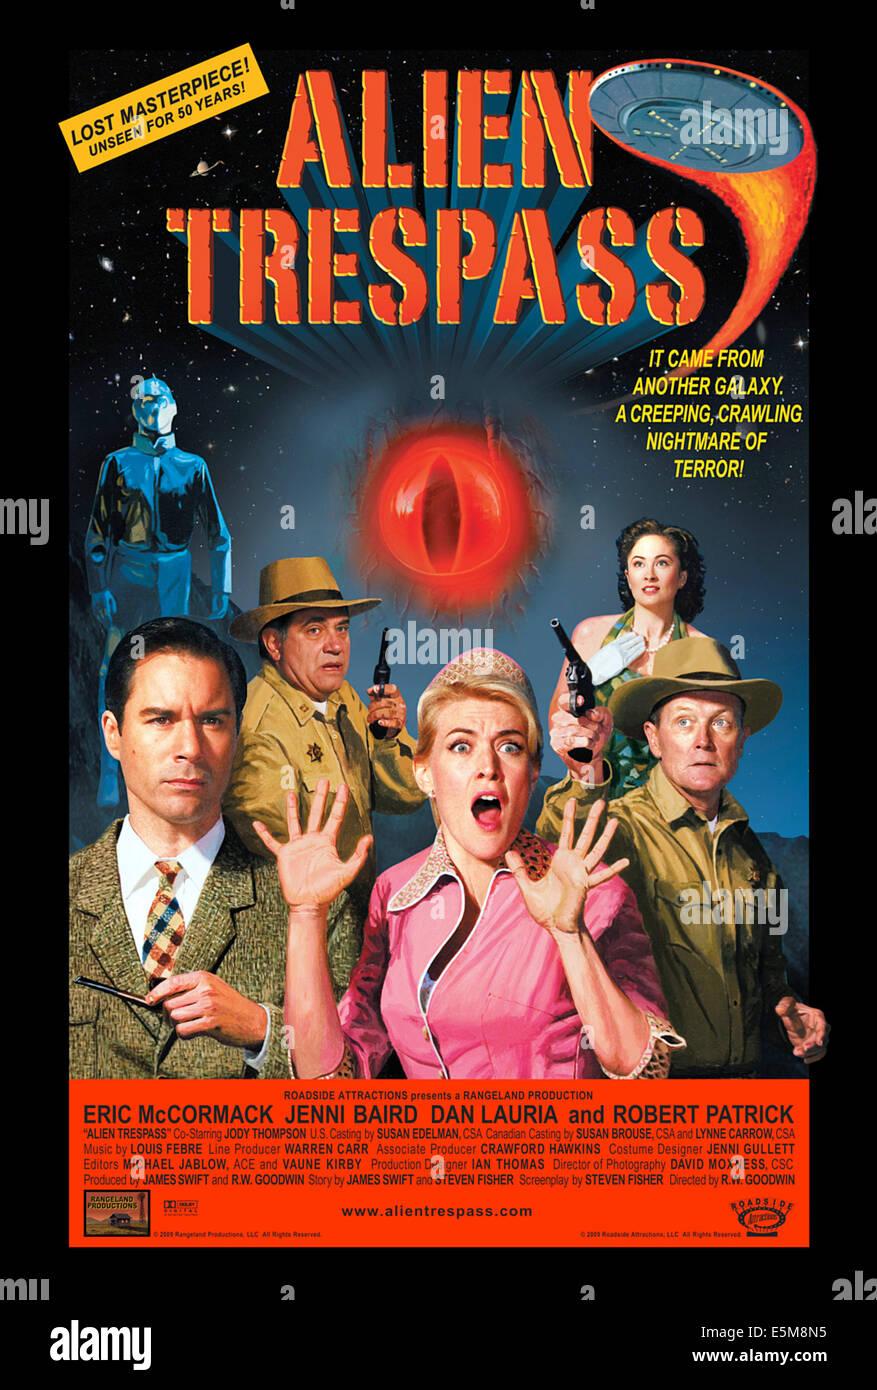 ALIEN TRESPASS, US poster art, from left: Eric McCormack, Dan Lauria (back), Jenni Baird, Jody Thompson (back), - Stock Image